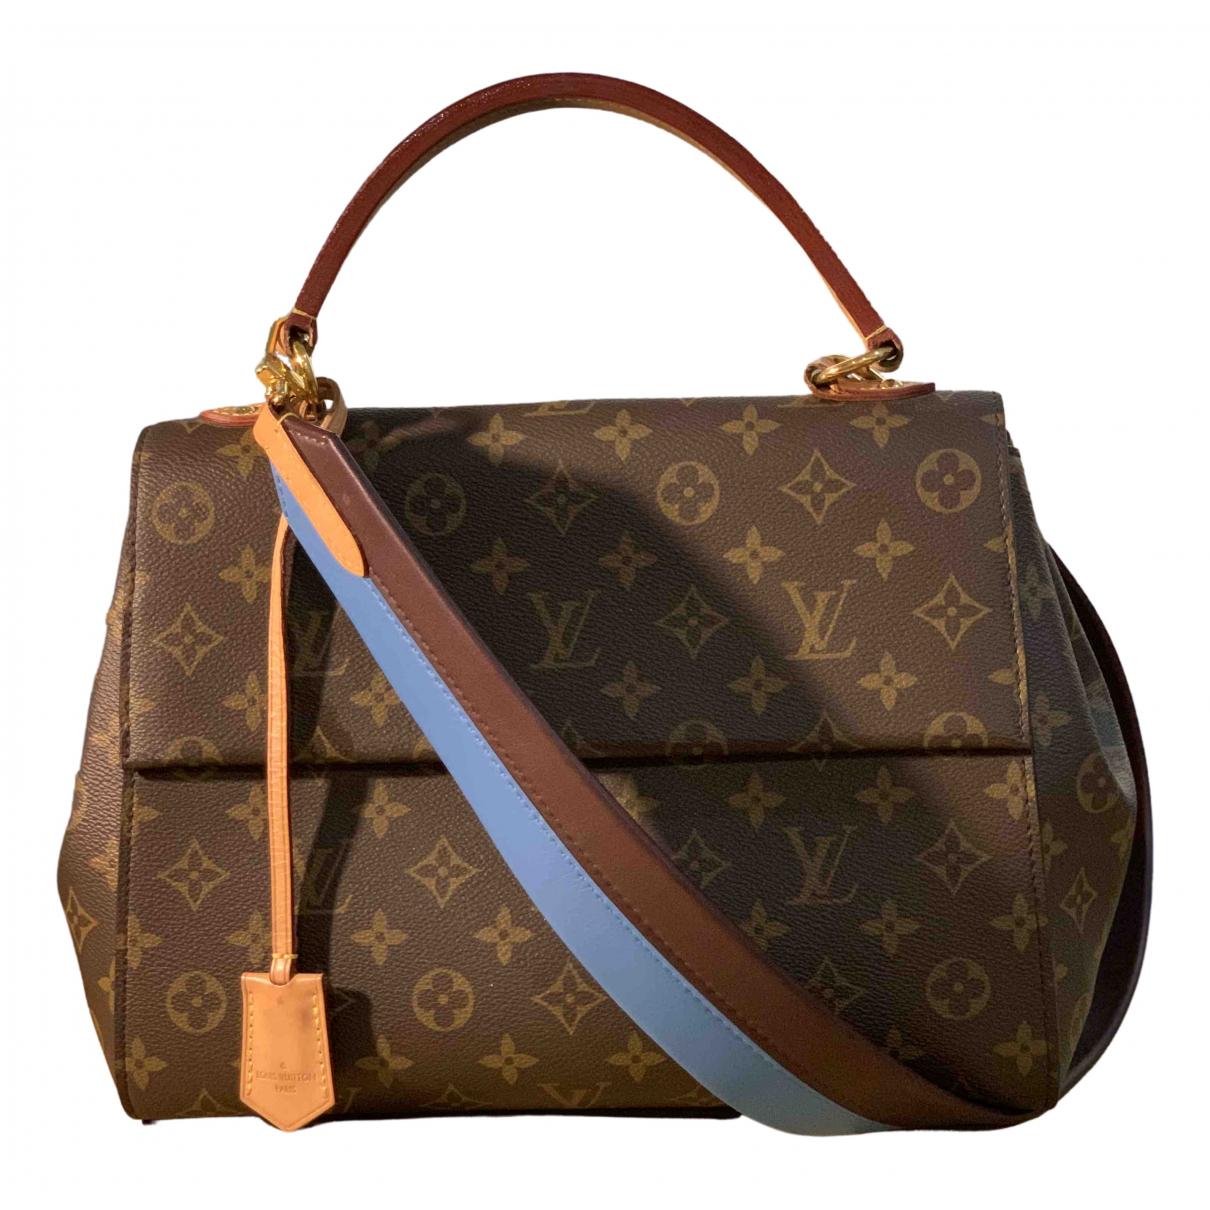 Louis Vuitton - Sac a main Cluny pour femme en toile - marron